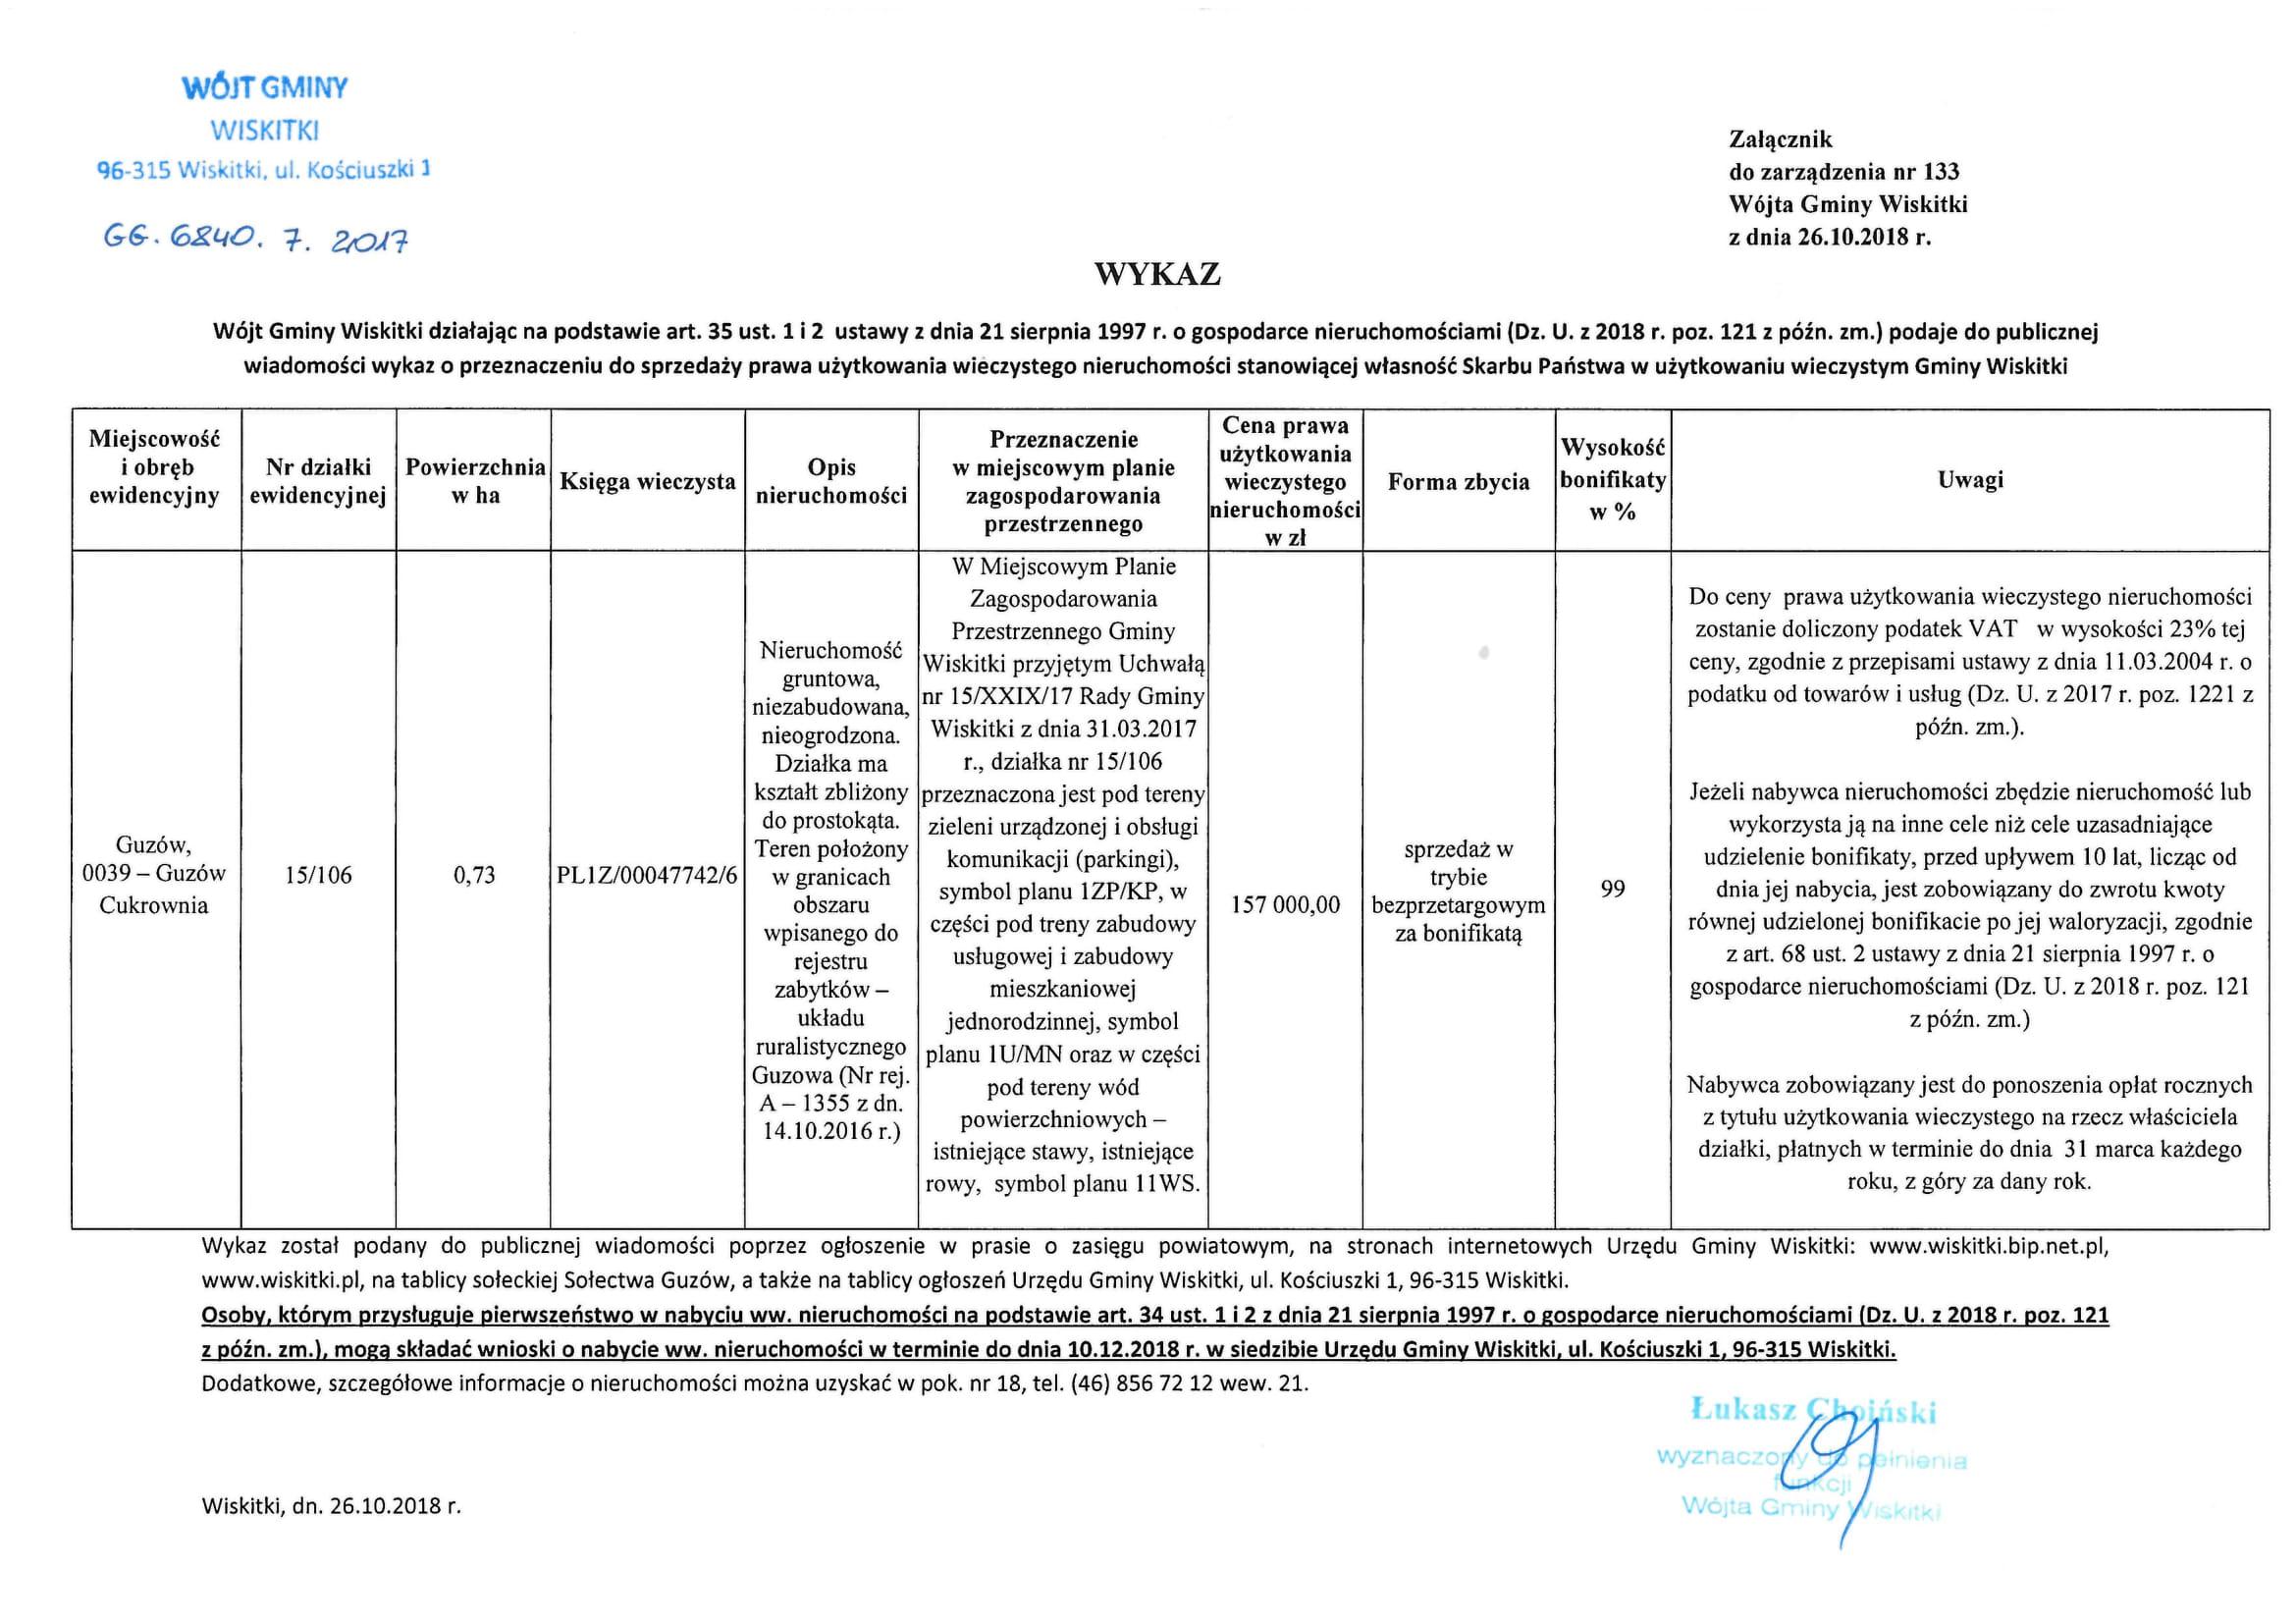 wykaz nieruchomości do sprzedaży uw. dz. 15_106 Guzów Cukrownia-1